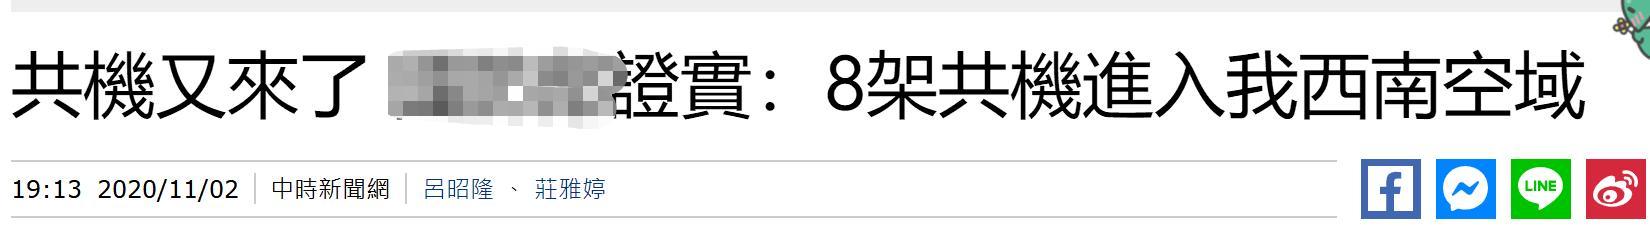 又来了!台防务部门:8架解放军军机今进入台湾西南空域